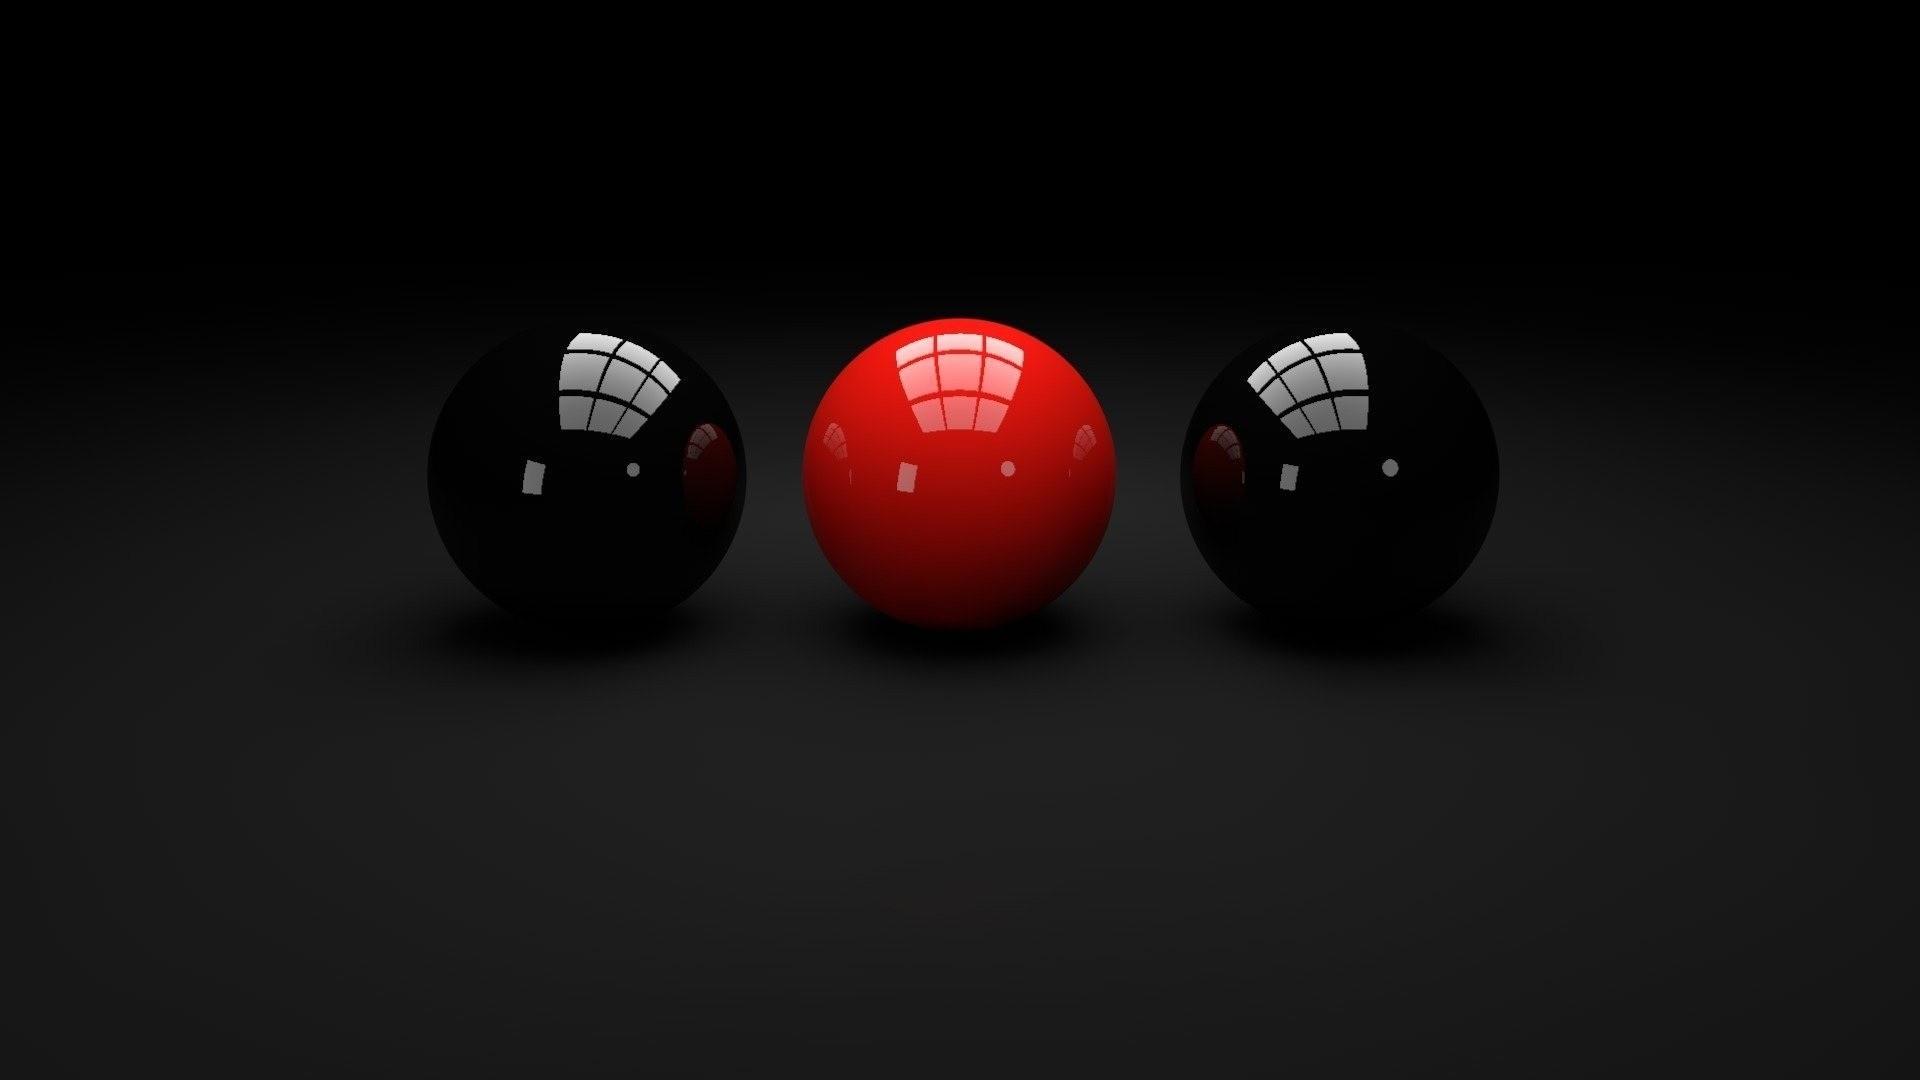 snooker-black-red-balls-HD-Wallpaper-1920×1080.jpg (